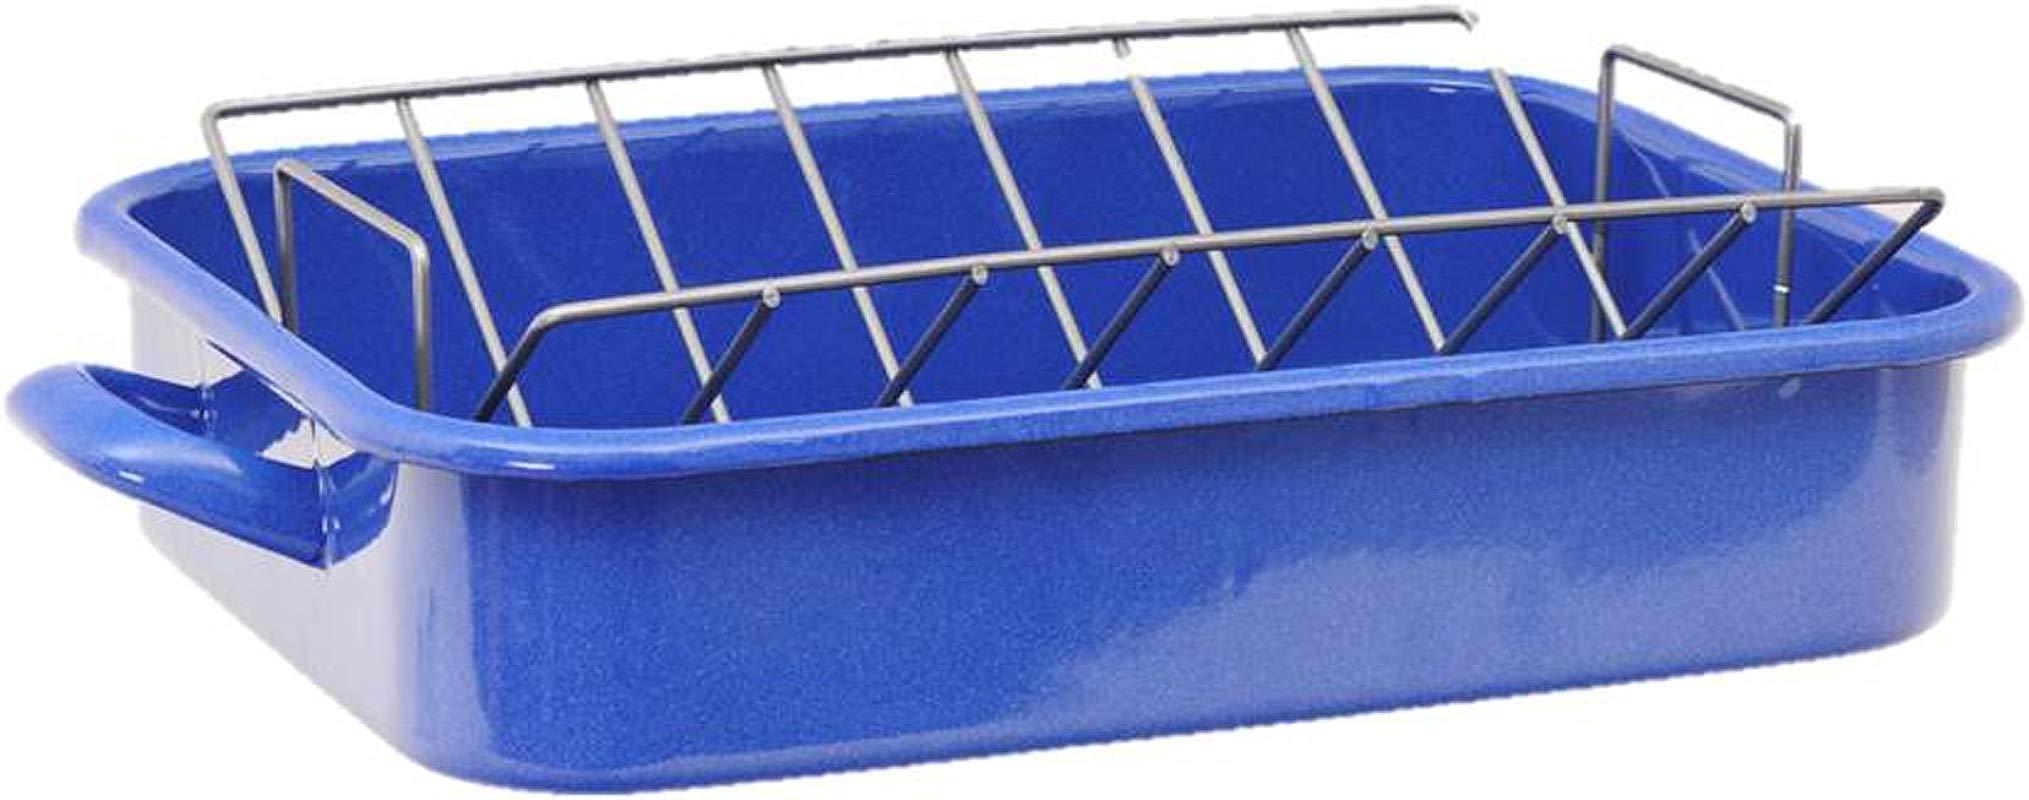 Granite Ware Heavy Gauge Open Roaster With Nonstick V Rack Blue